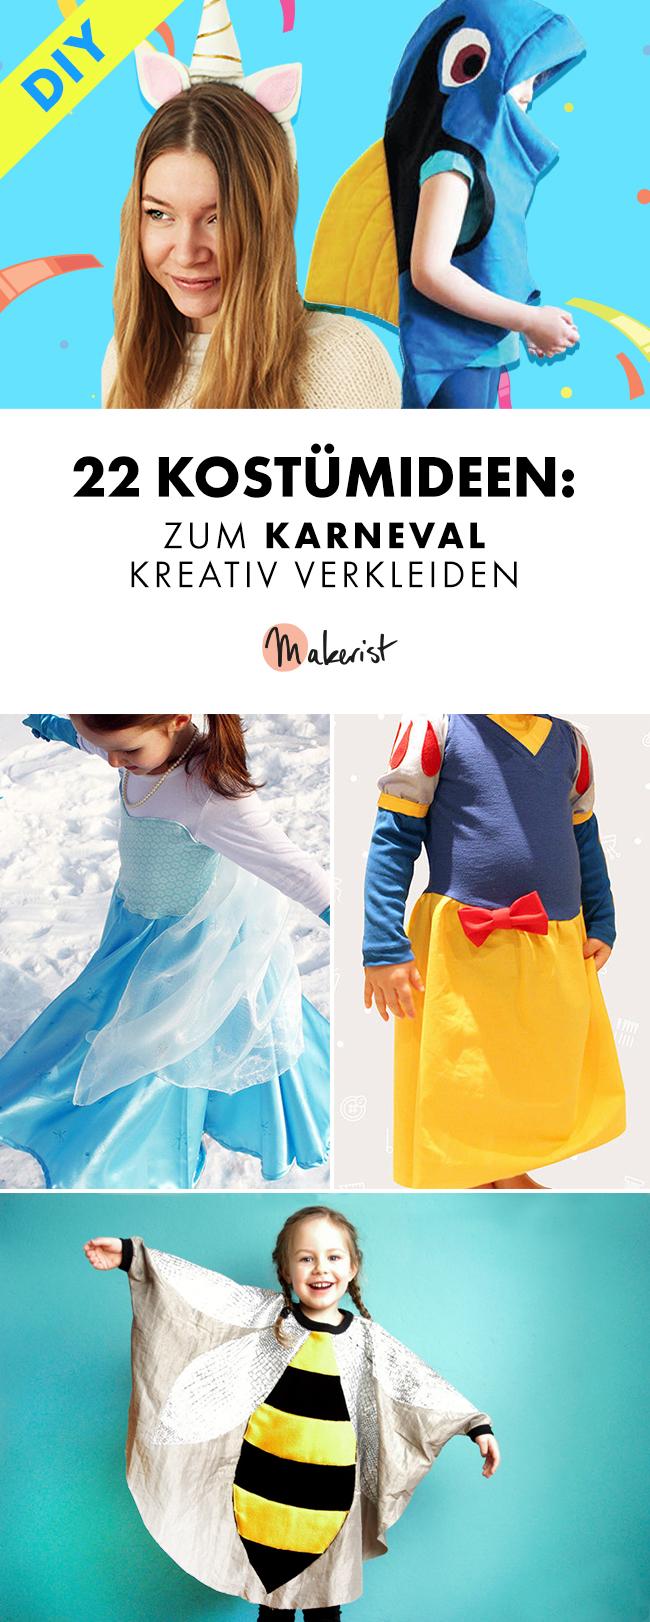 Makerist-22-Kostümideen-Zum-Karneval-kreativ-verkleiden-Pinterest-3